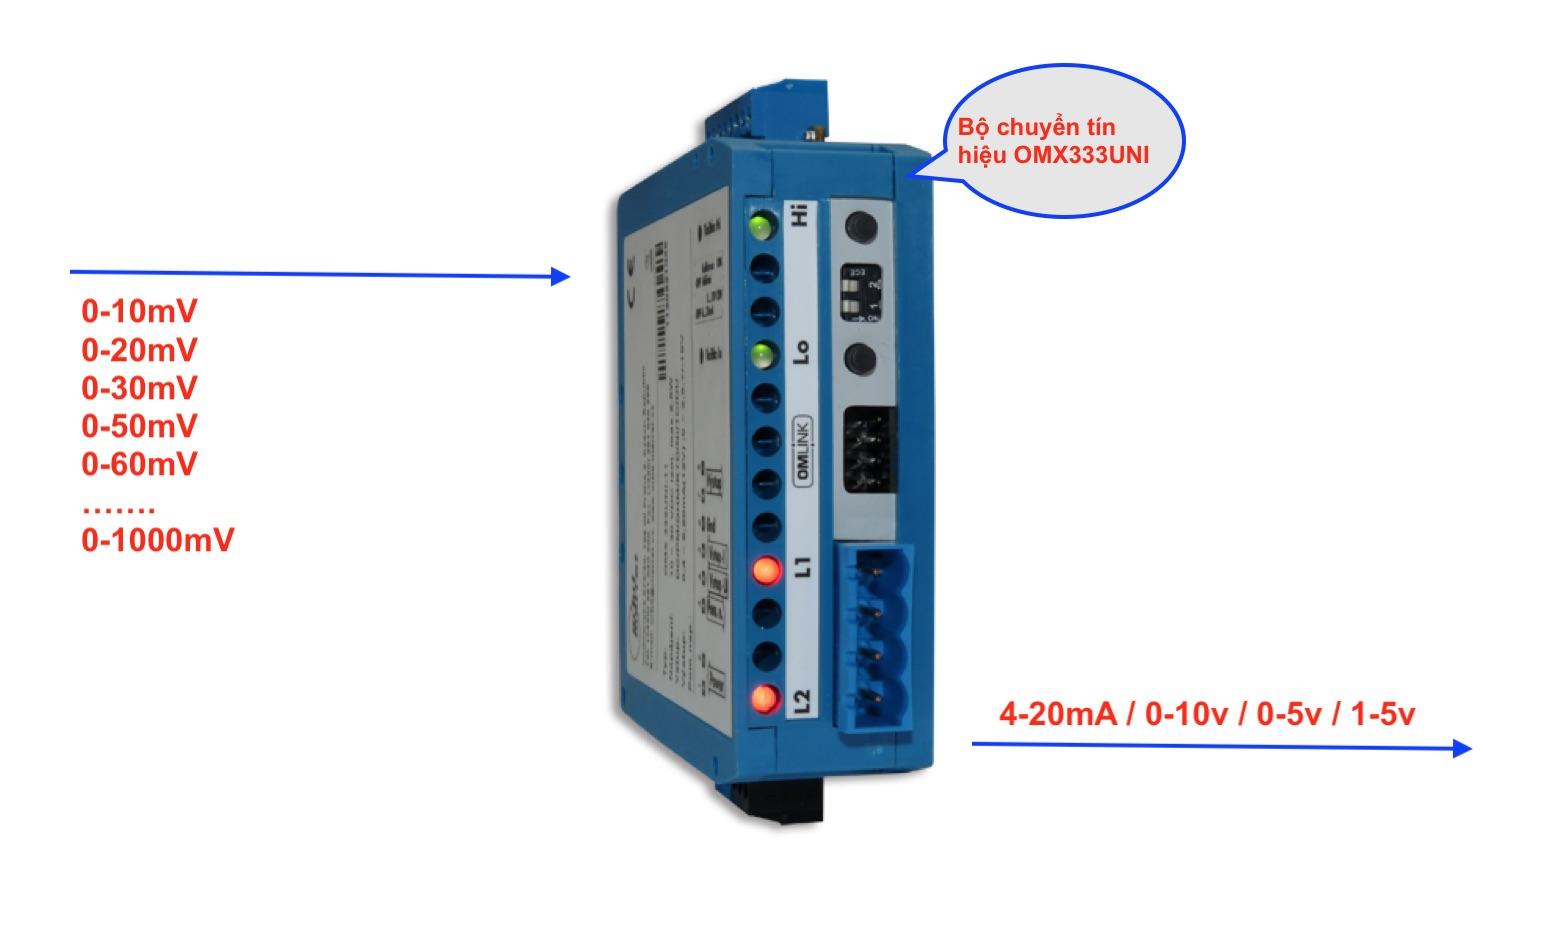 Bộ chuyển tín hiệu 0-75mV sang 4-20mA